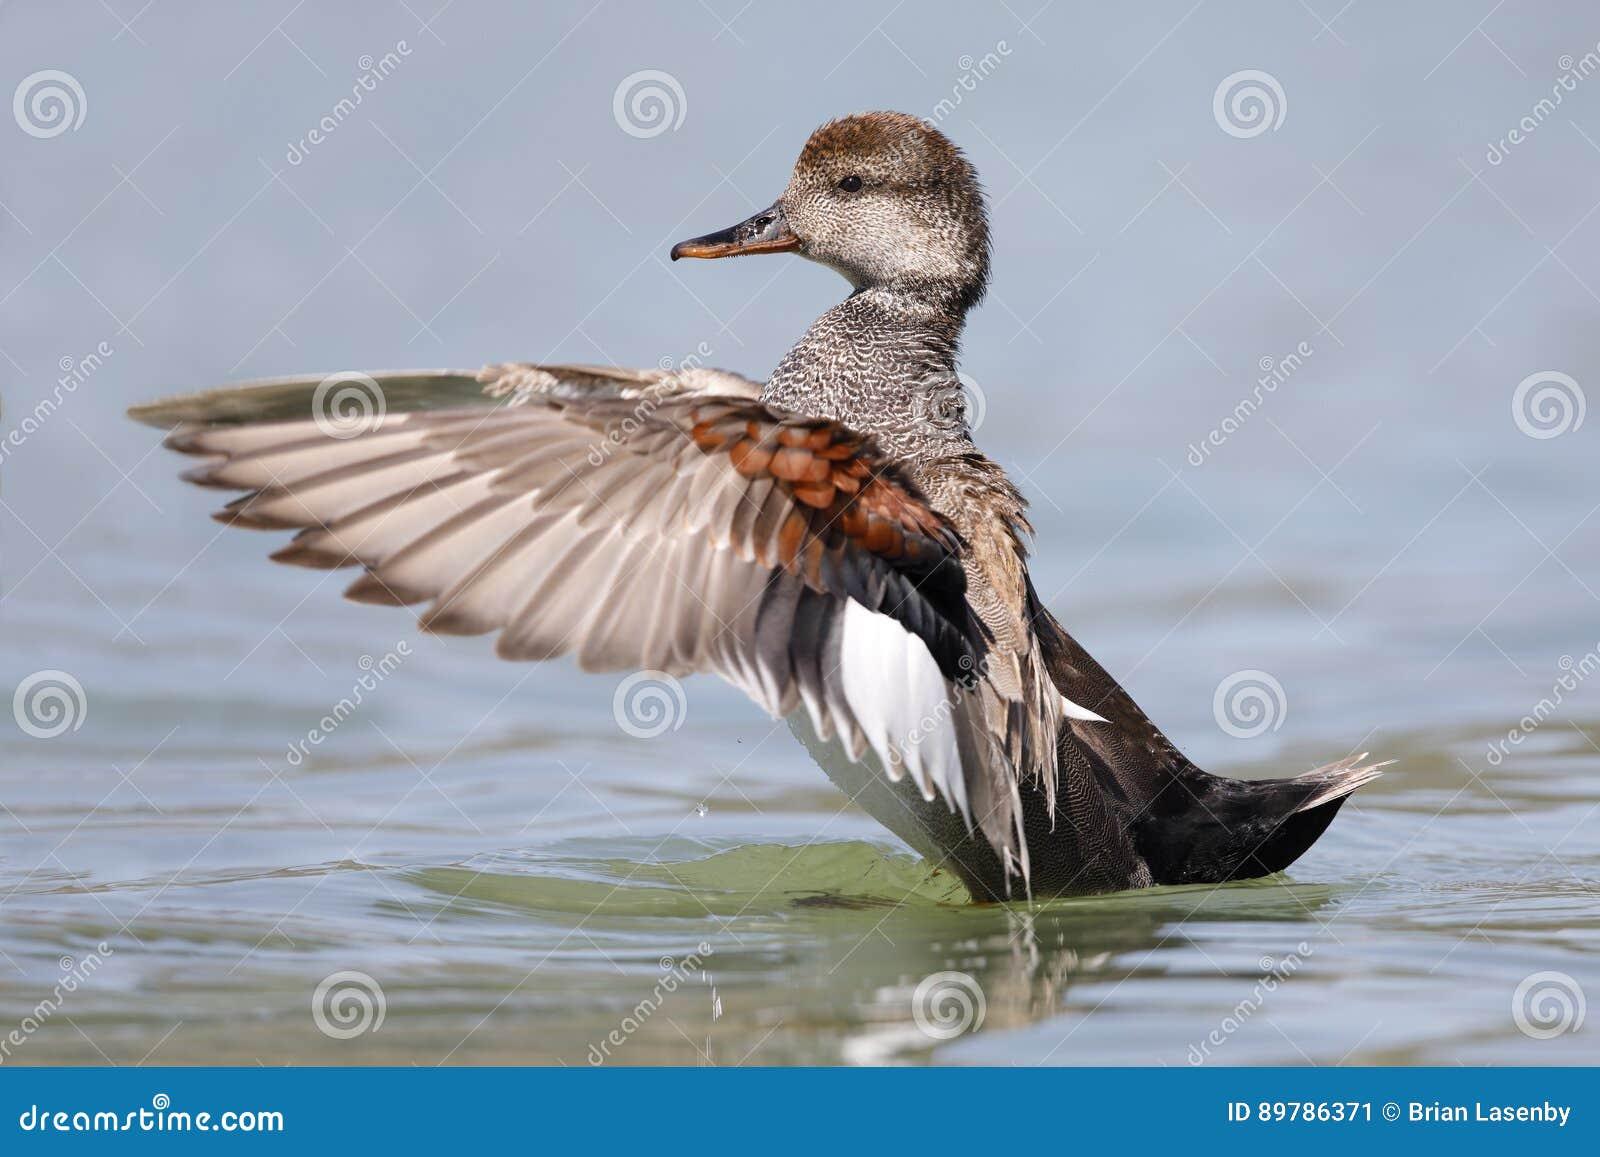 Pato zambullidor masculino que agita sus alas en un lago - California